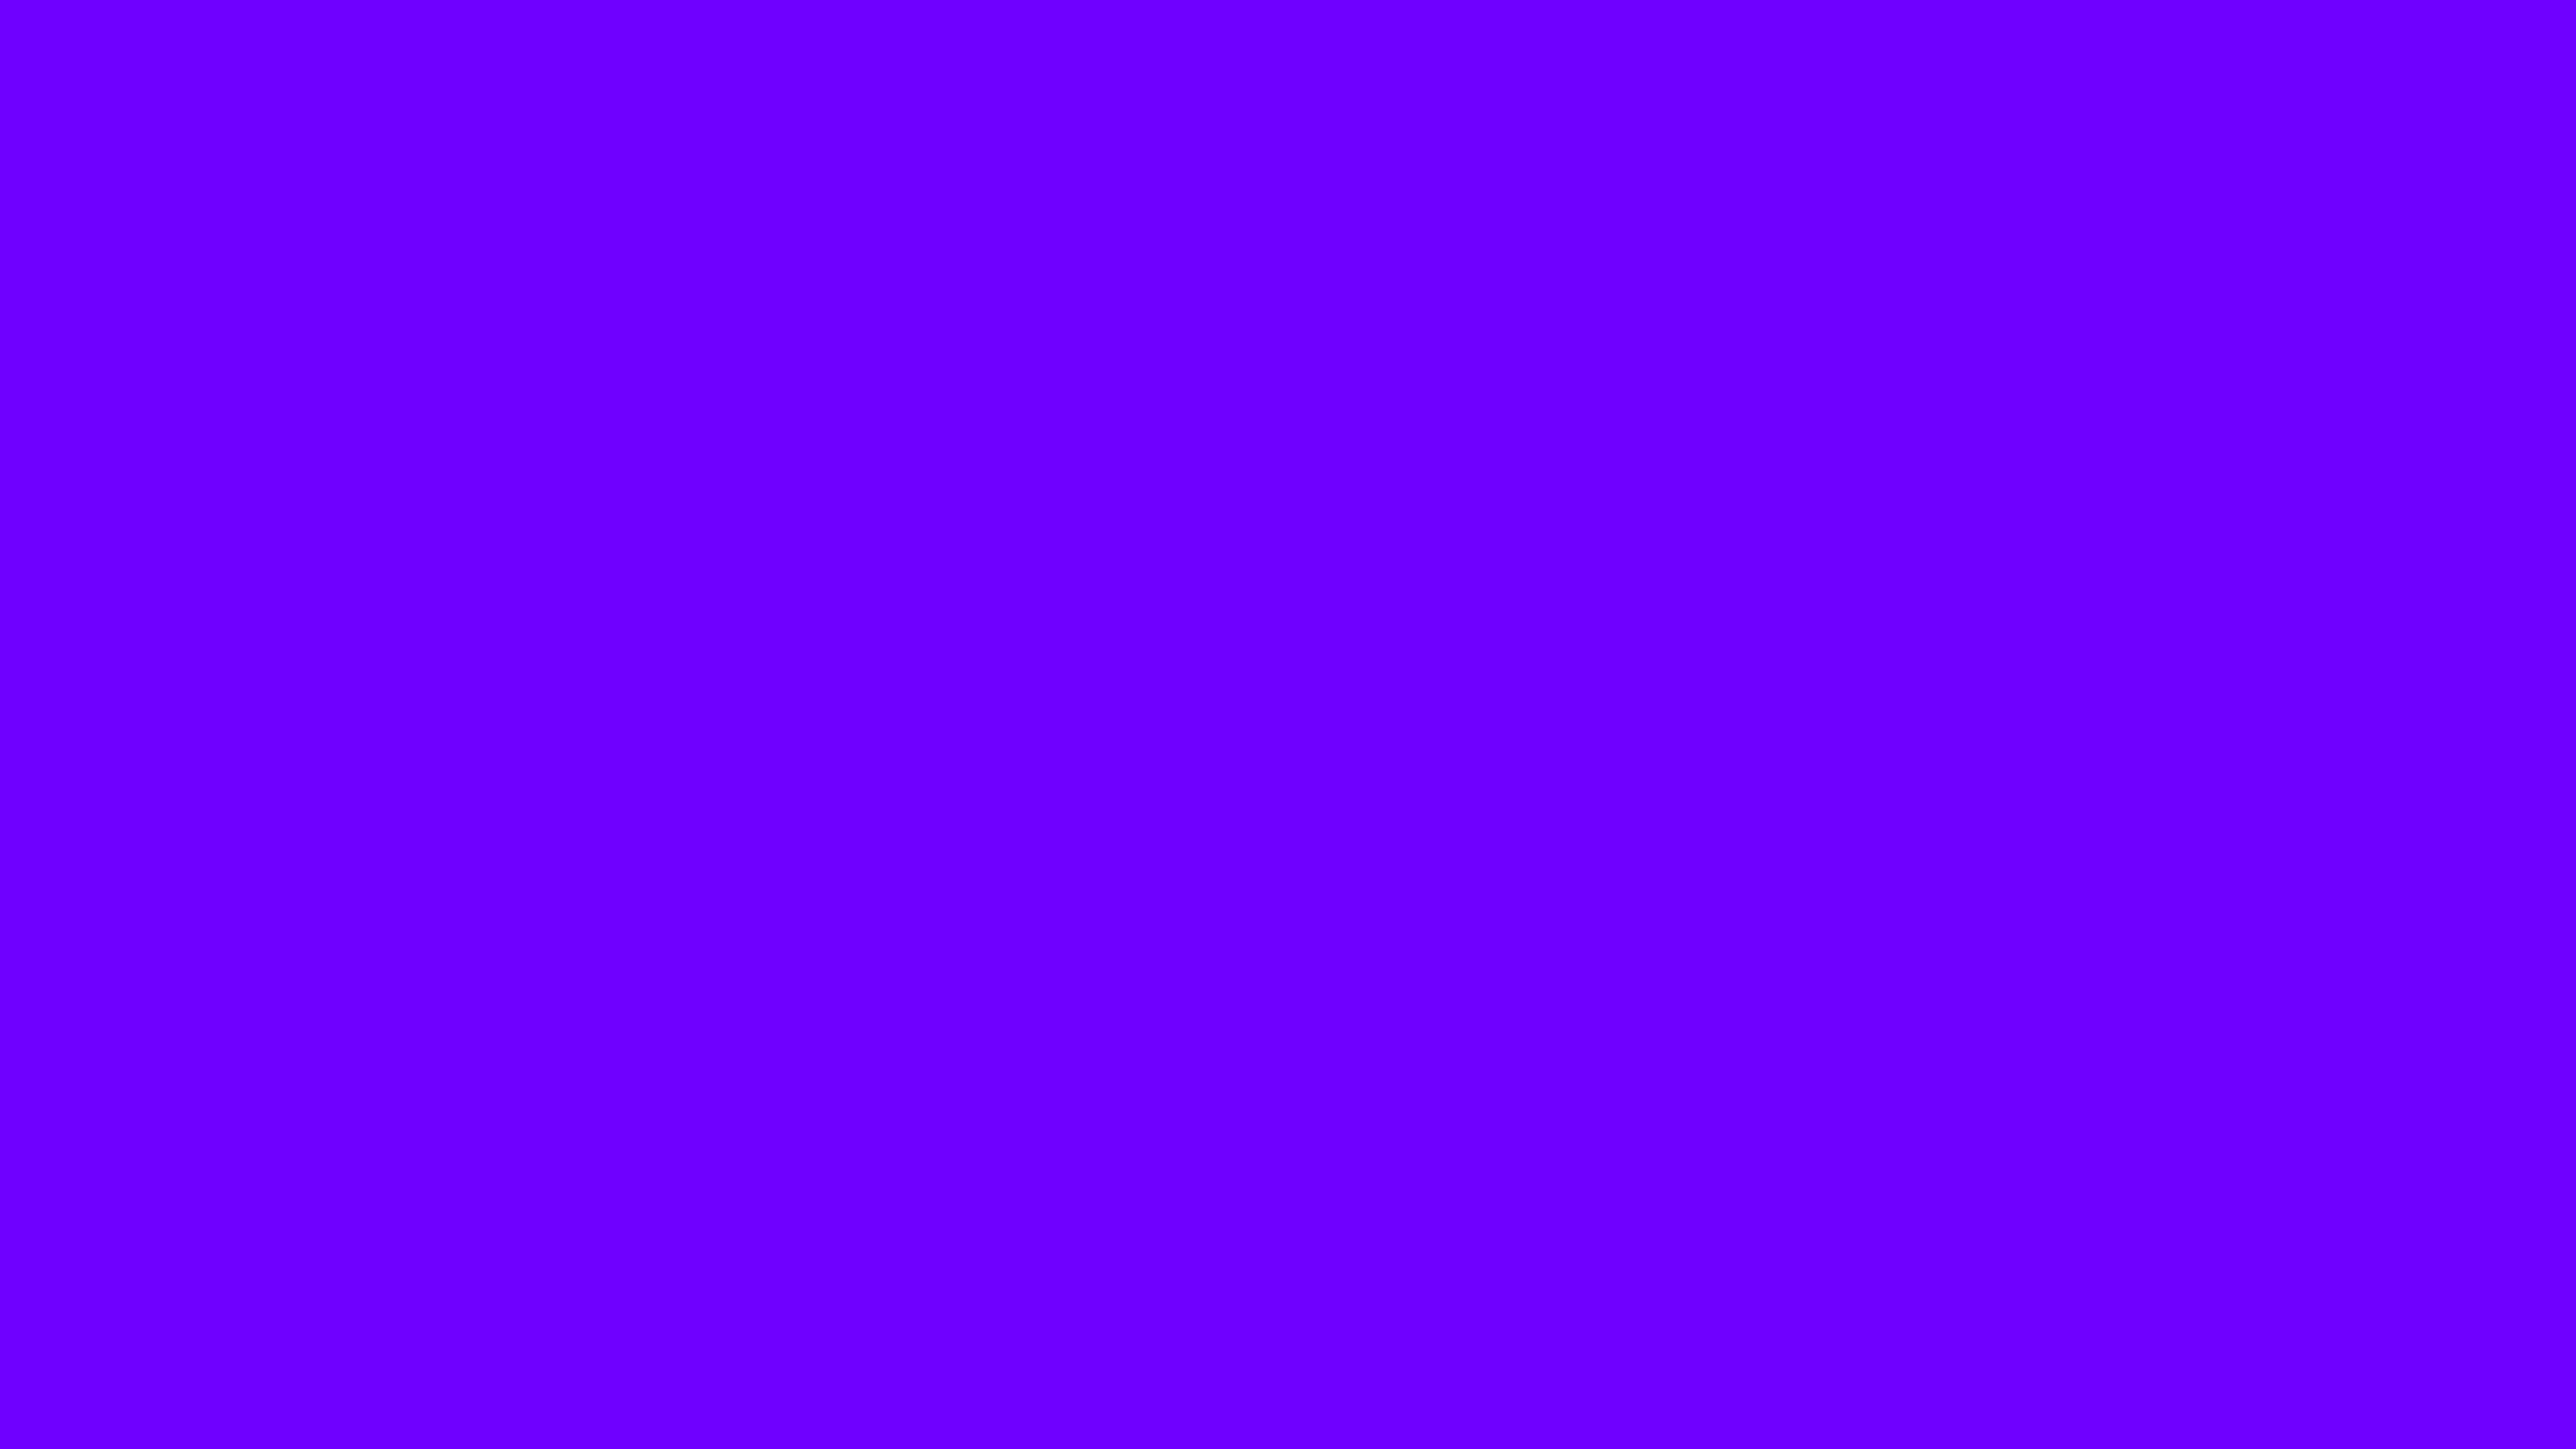 3840x2160 indigo solid color background. Black Bedroom Furniture Sets. Home Design Ideas